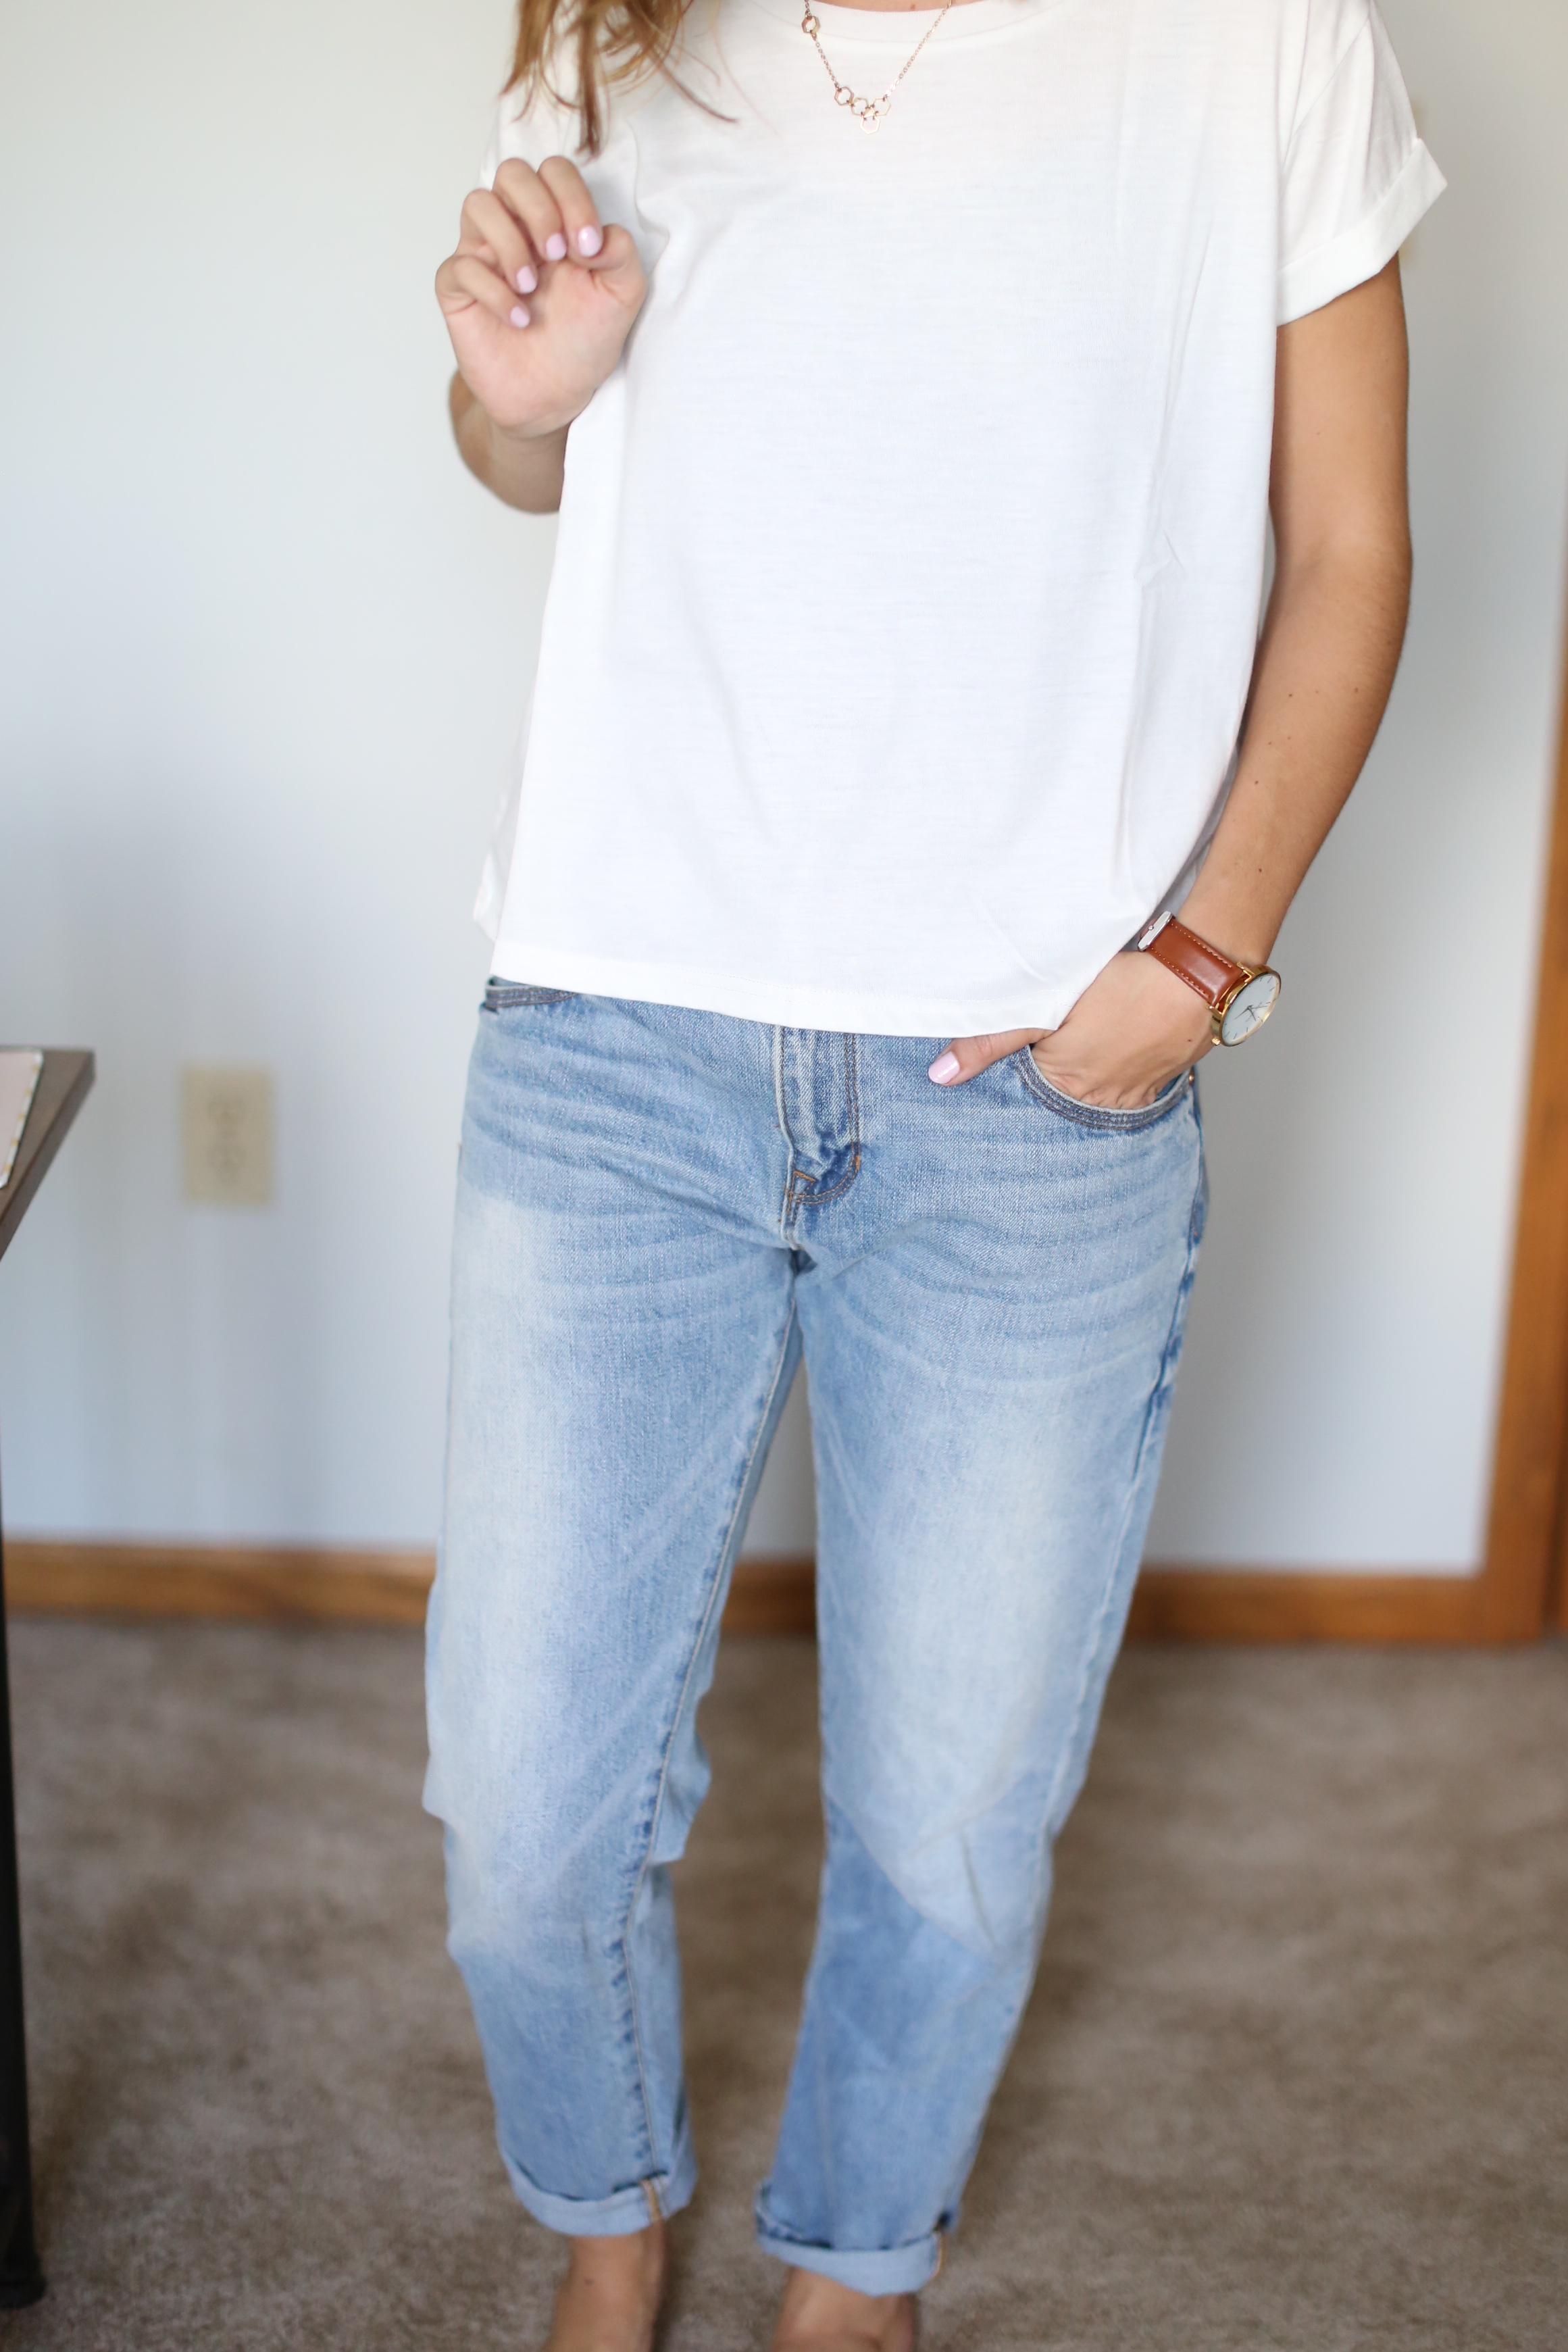 Boyfriend Jeans | Distressed Jeans | Skinny Jeans | Katelyn Now